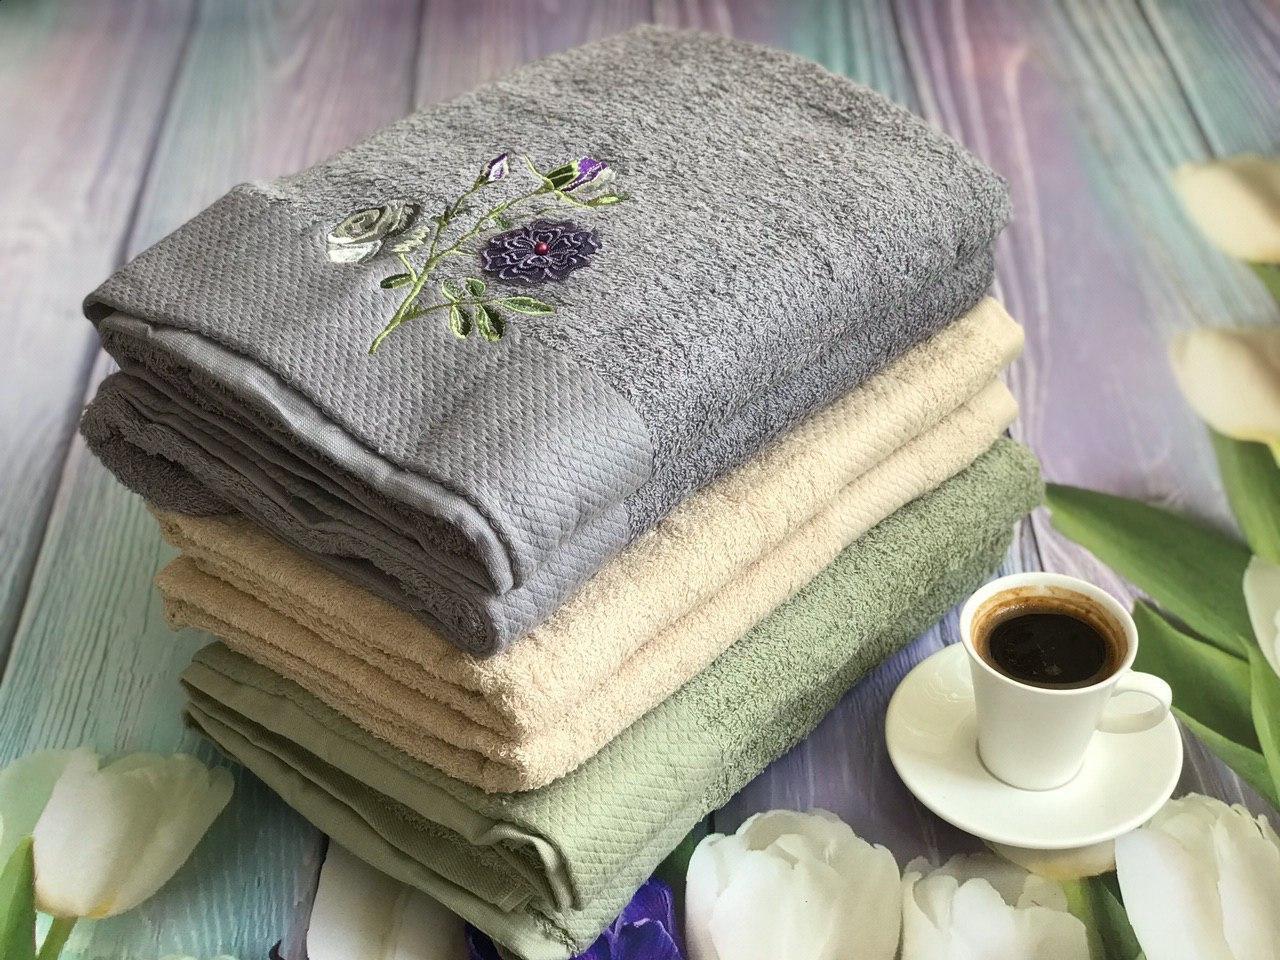 Упаковка банных полотенец с цветочками (6 шт.)